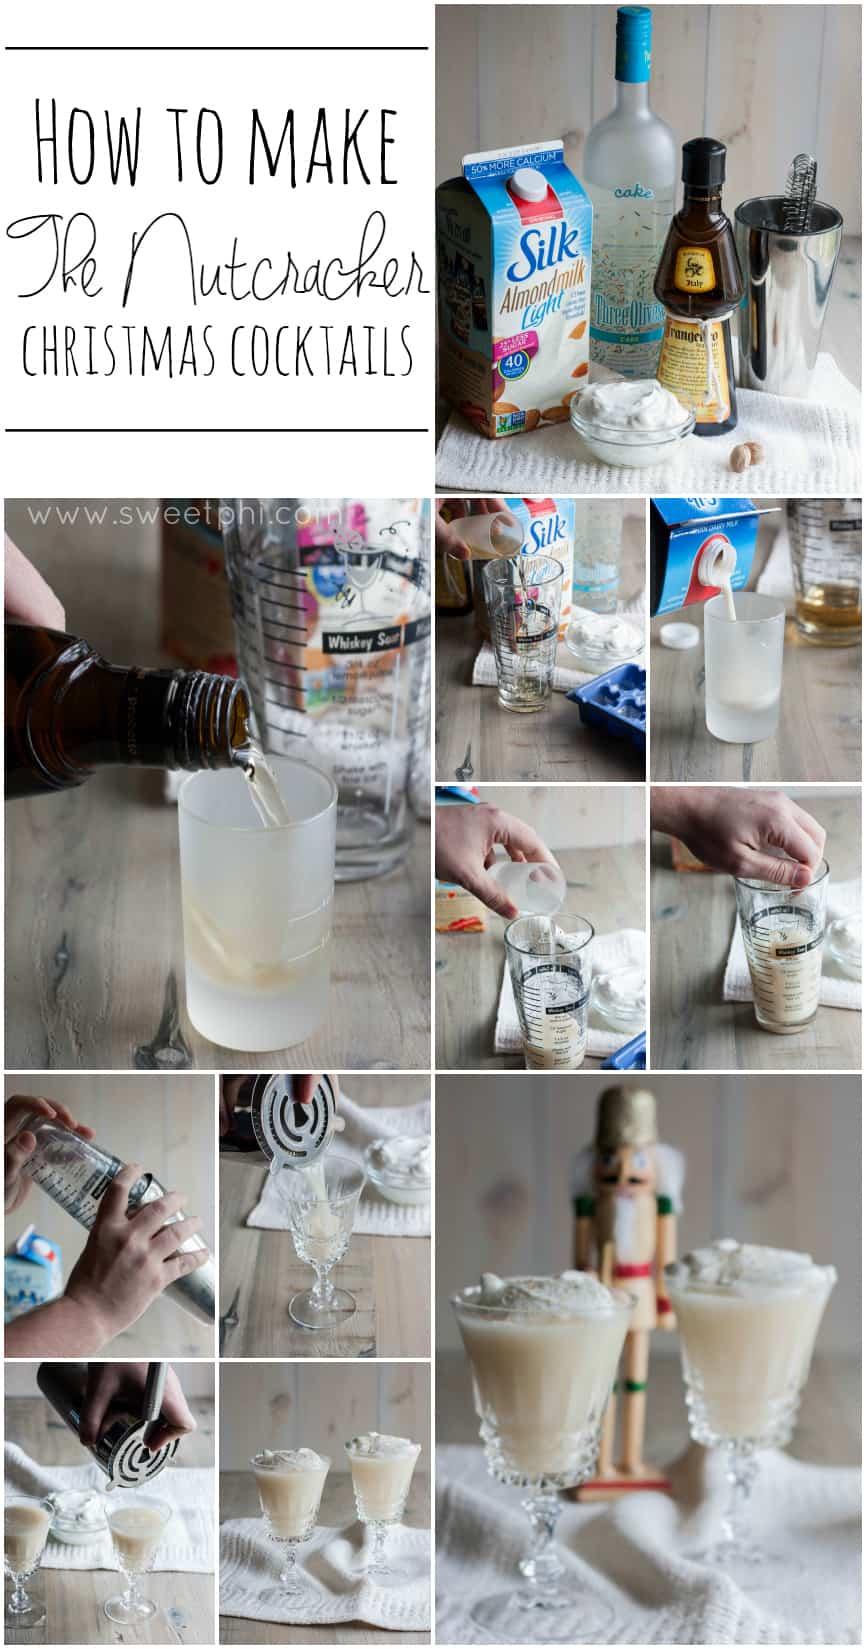 How-to-make-the-nutcracker-Christmas-cocktails